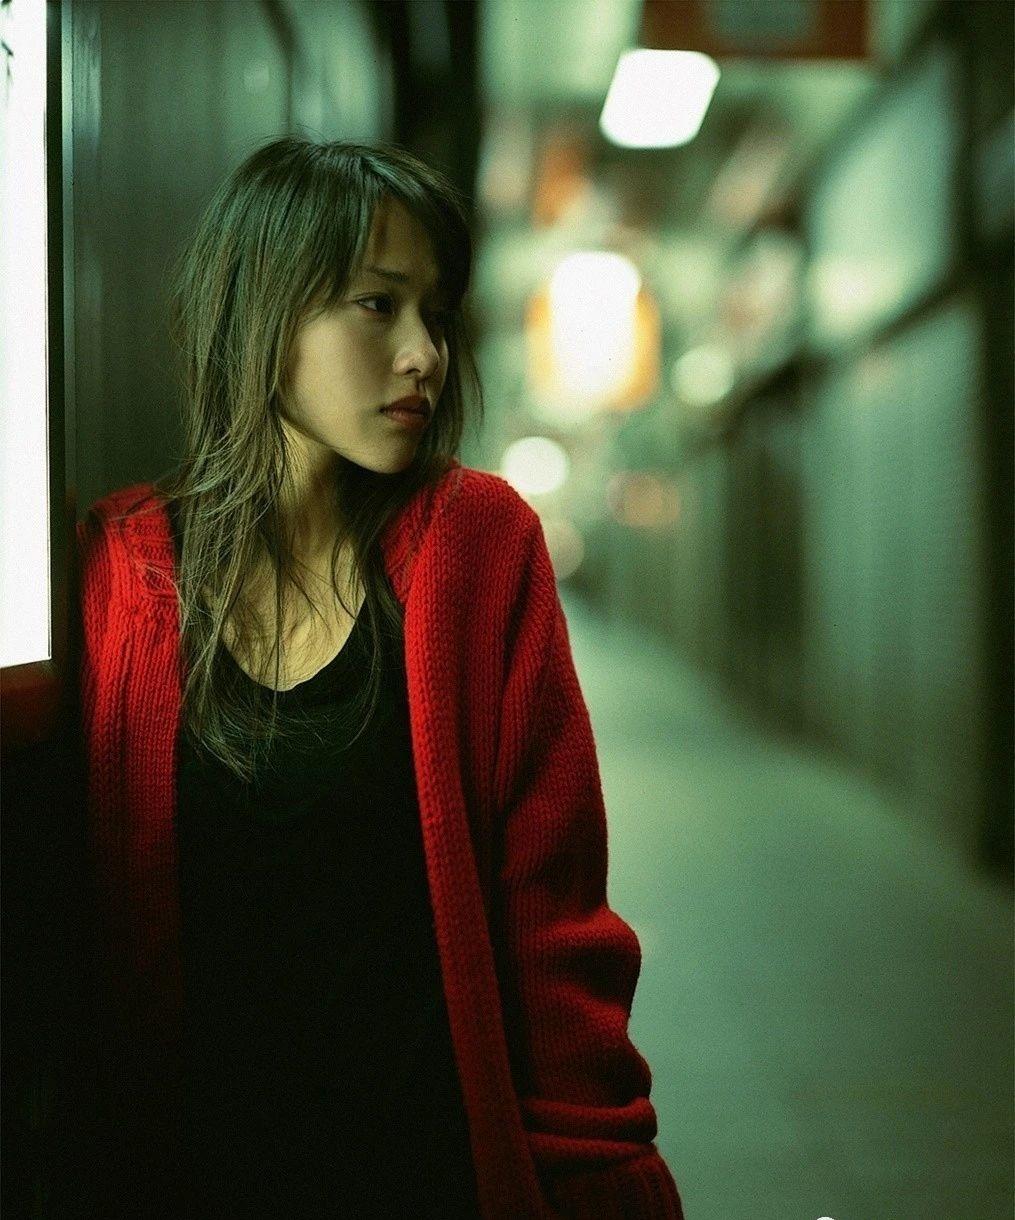 美的不可方物少女时代的户田惠梨香写真作品 (2)